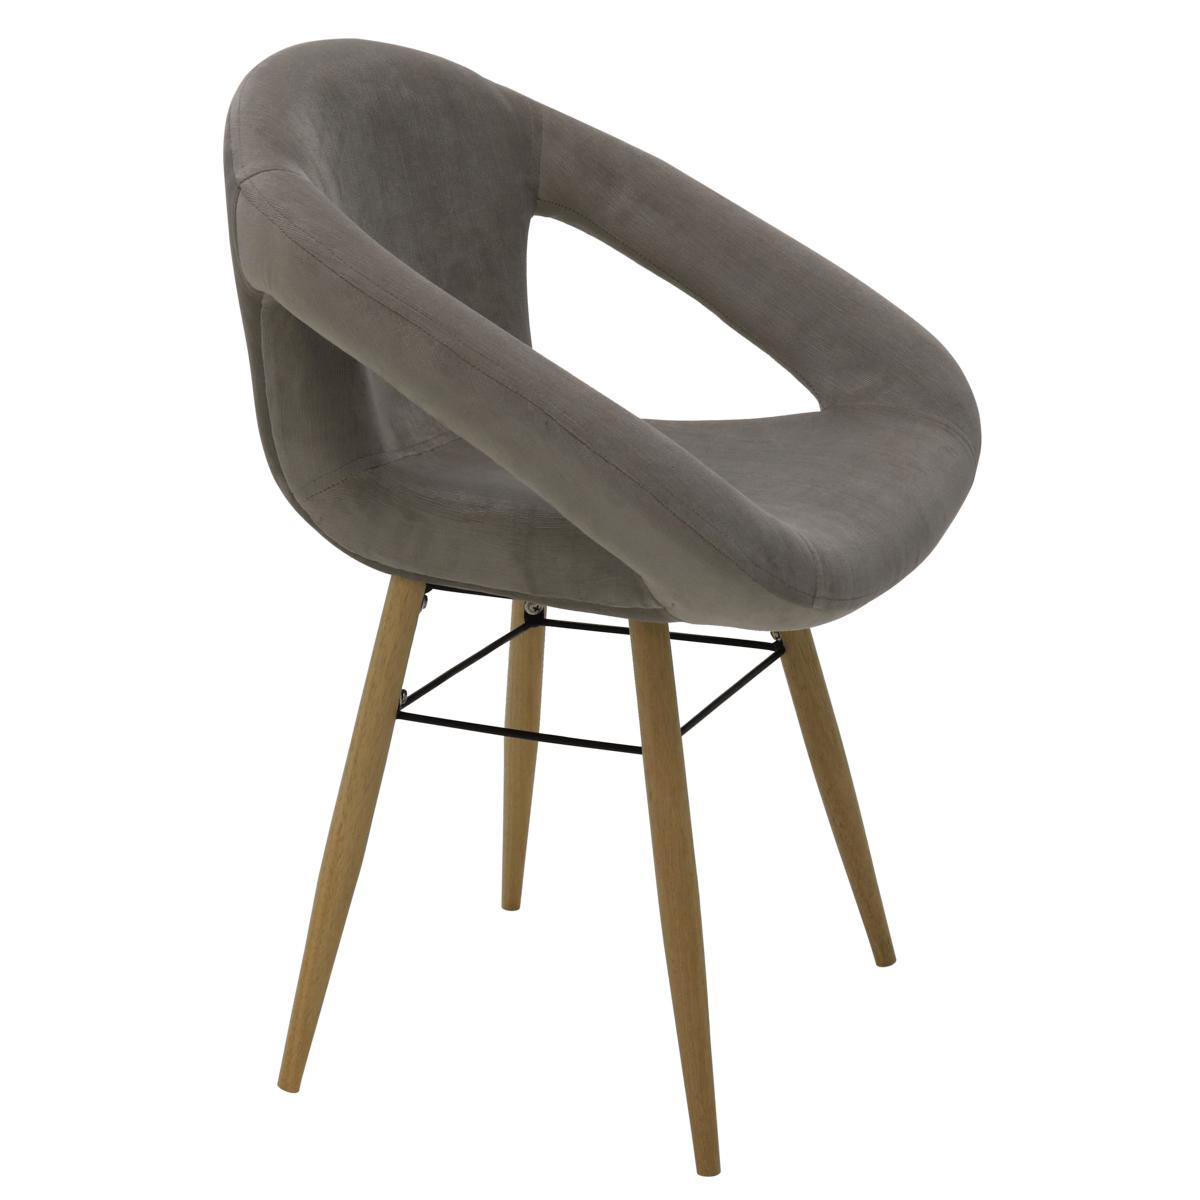 Cadeira Tramontina Delice Estofada Cinza em Polietileno com Base  em Madeira 92707211